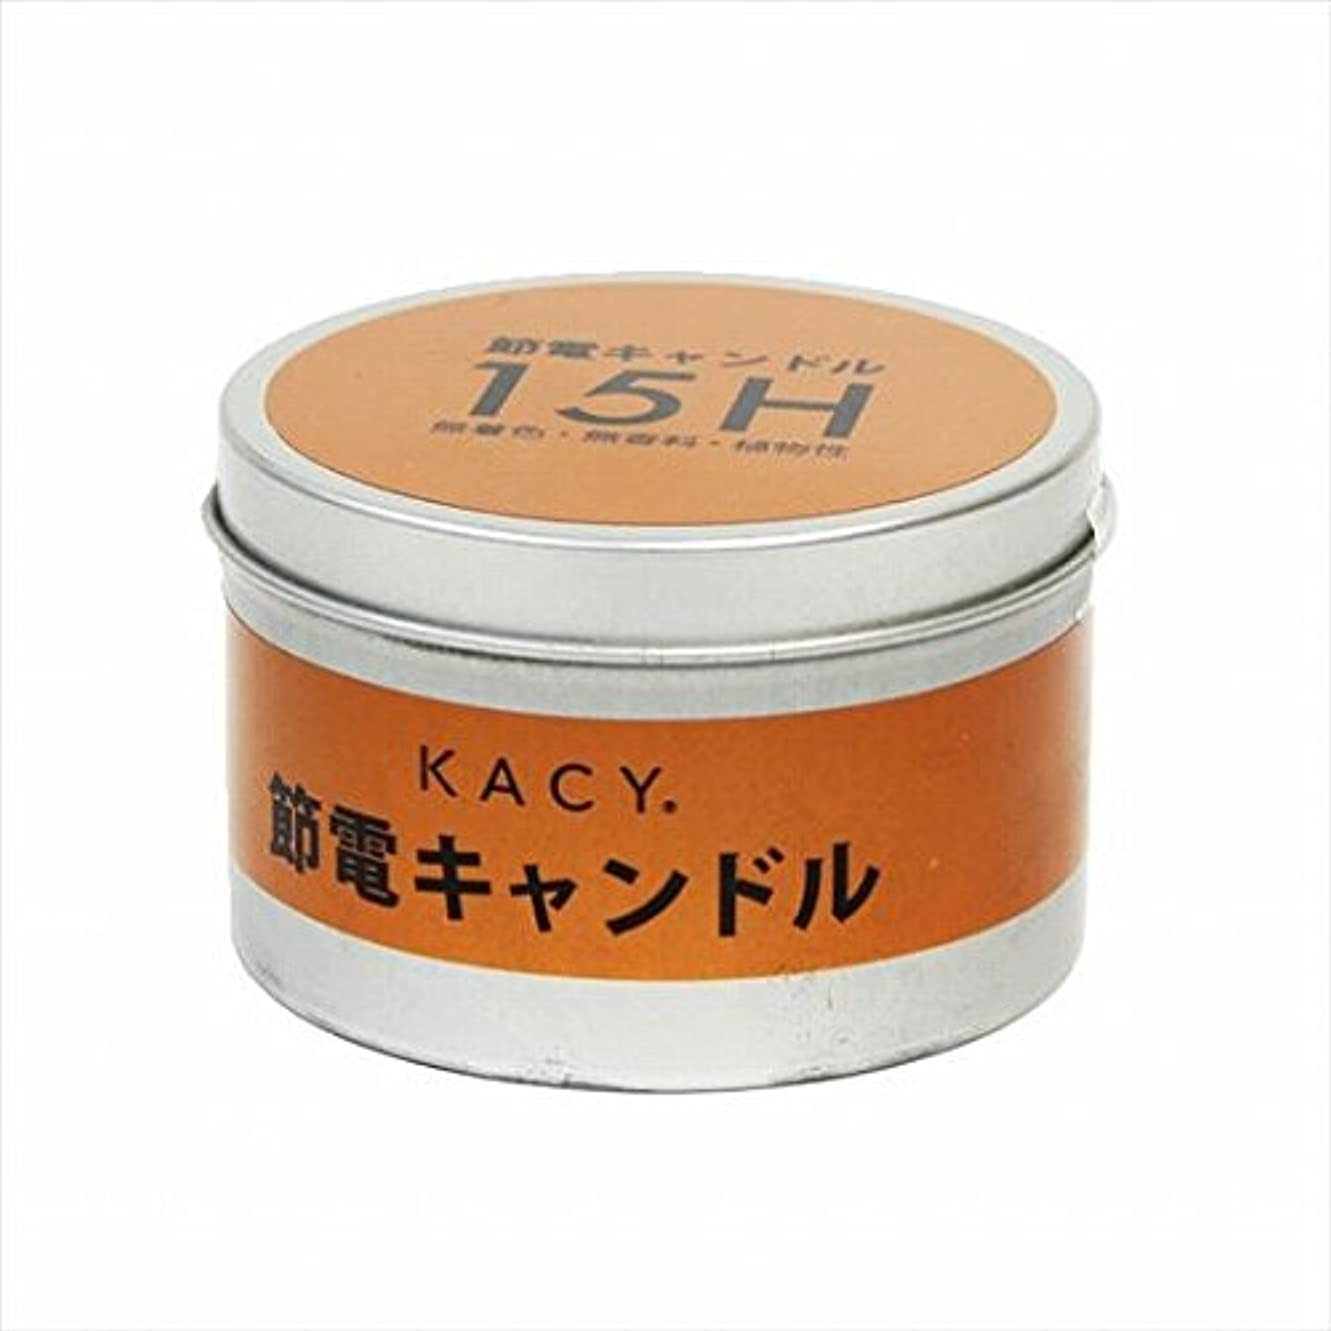 販売員虚栄心困惑したカメヤマキャンドル(kameyama candle) 節電缶キャンドル15時間タイプ